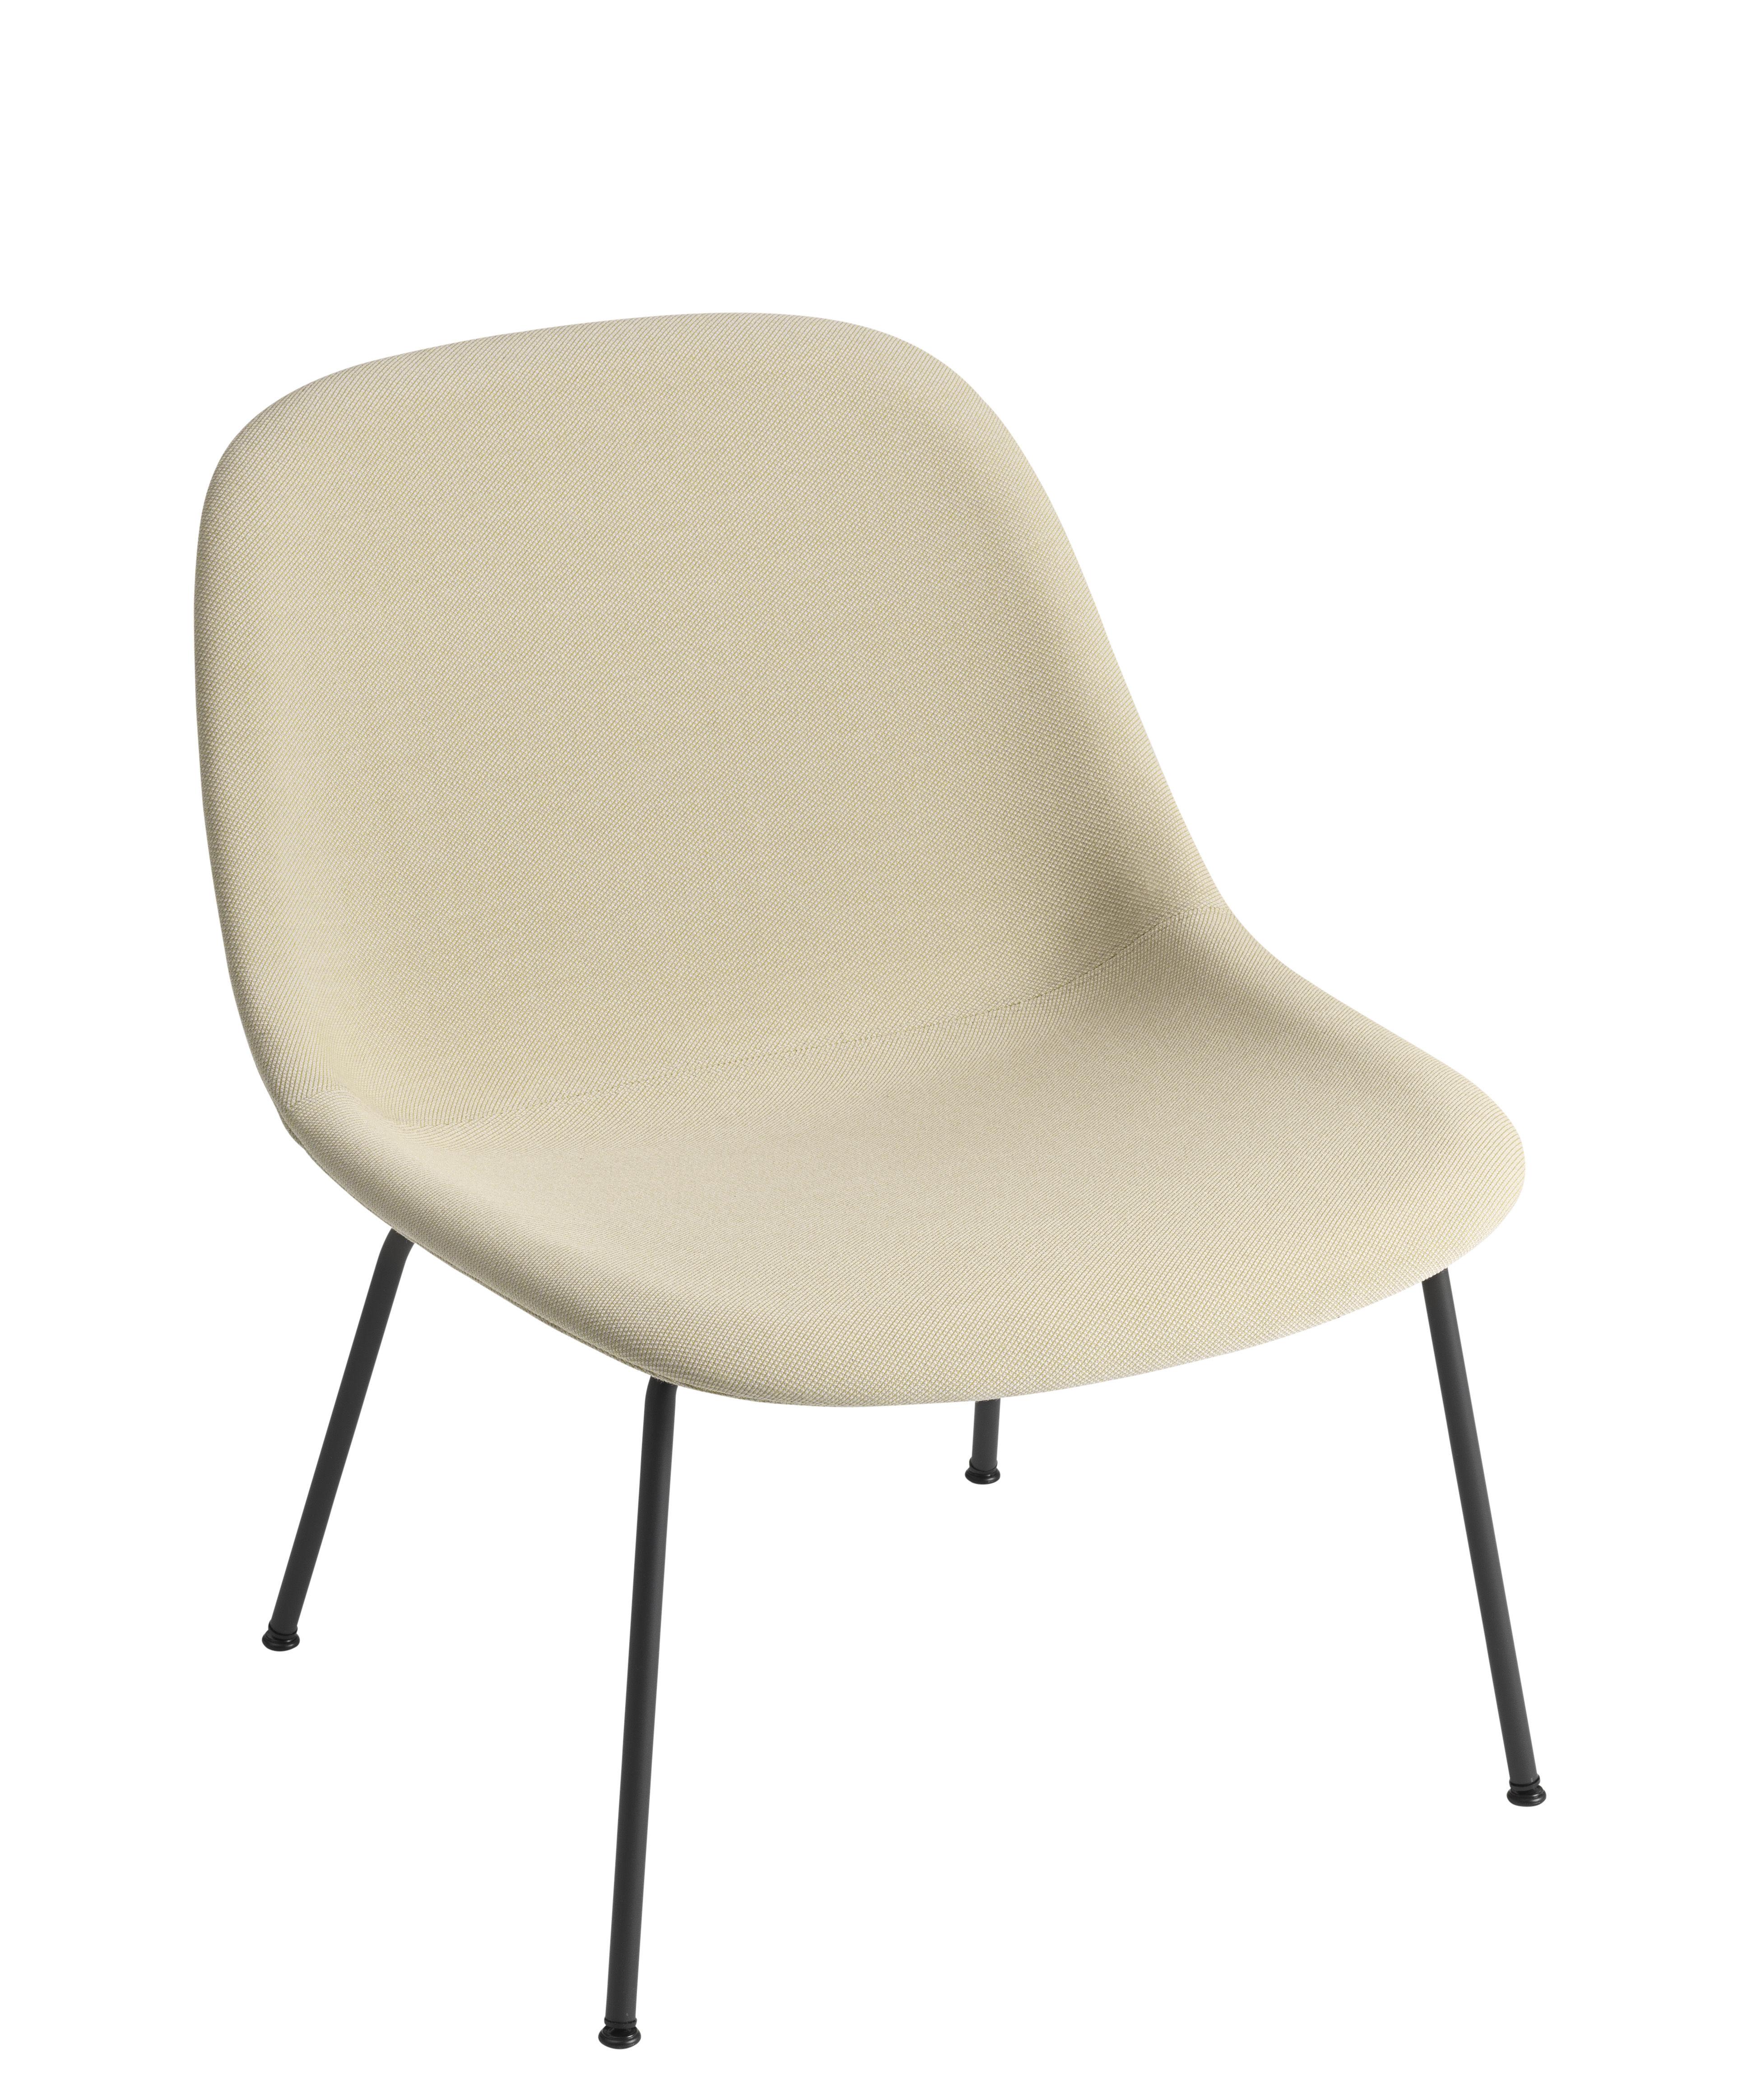 Möbel - Lounge Sessel - Fiber Lounge Lounge Sessel / gepolstert - Stuhlbeine Metall - Stoffbezug - Muuto - Beige / Stempelfuß schwarz - Gewebe, Stahl, Verbund-Werkstoffe